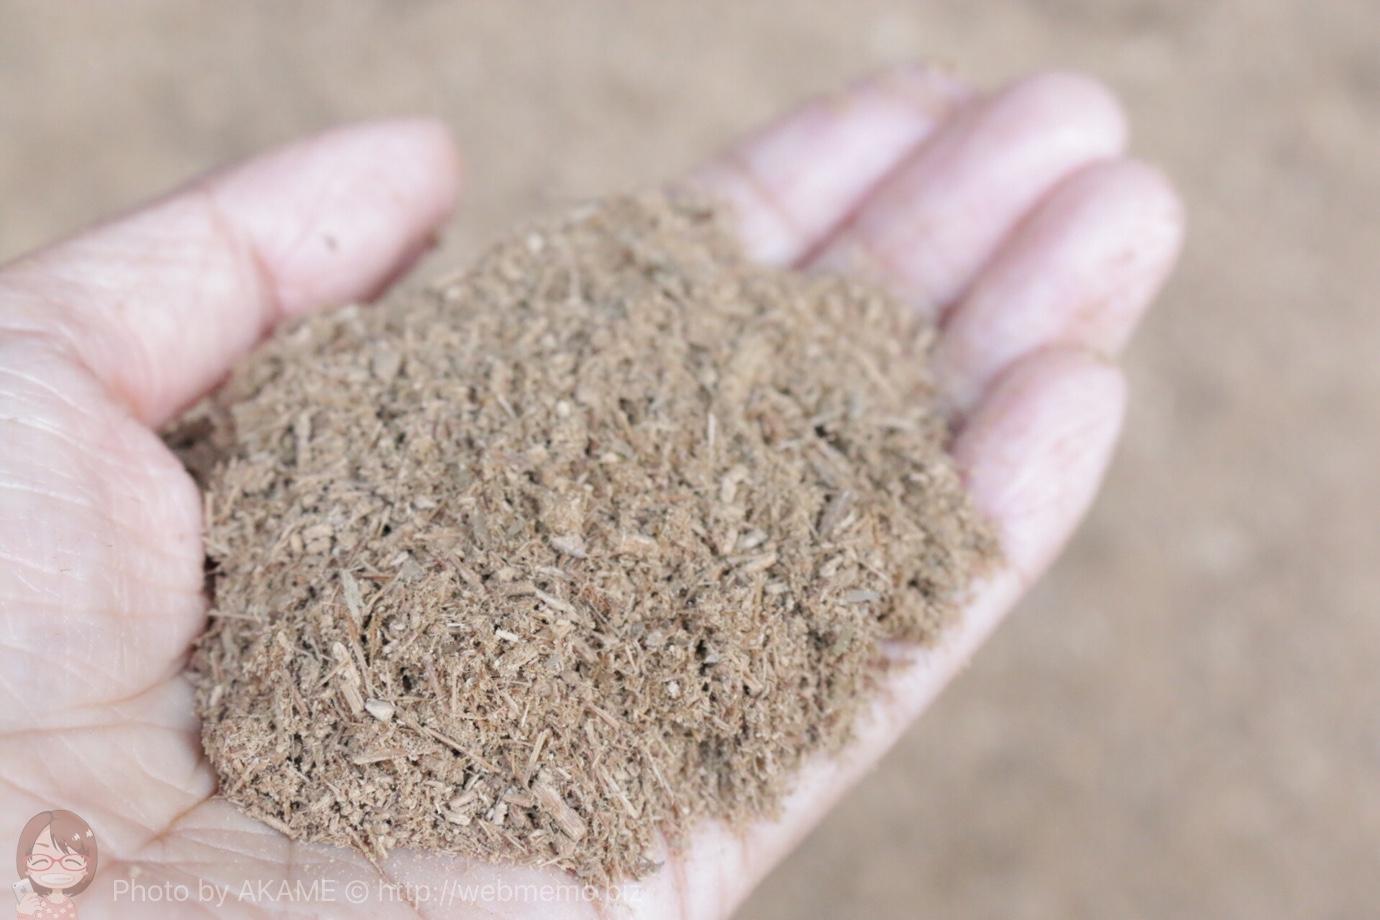 竹の粉と宮川の水を使ったブランド米を宮川TKが作る理由 #大台町PR